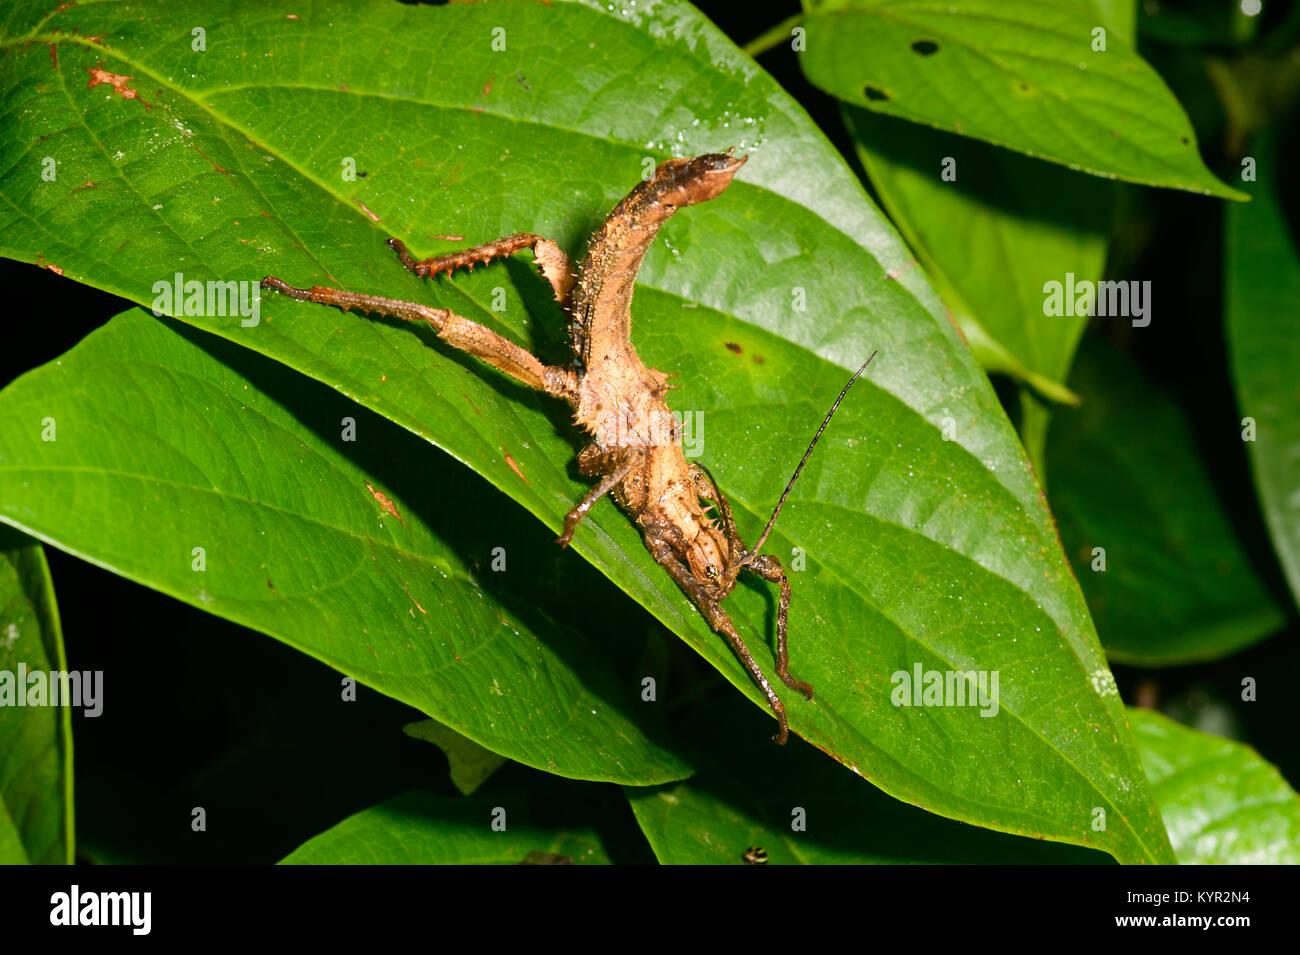 Close-up de un Insecto Palo espinoso (Aretaon asperrimus) en posición de amenaza, Tabin, Borneo, Sabah, Malasia Imagen De Stock